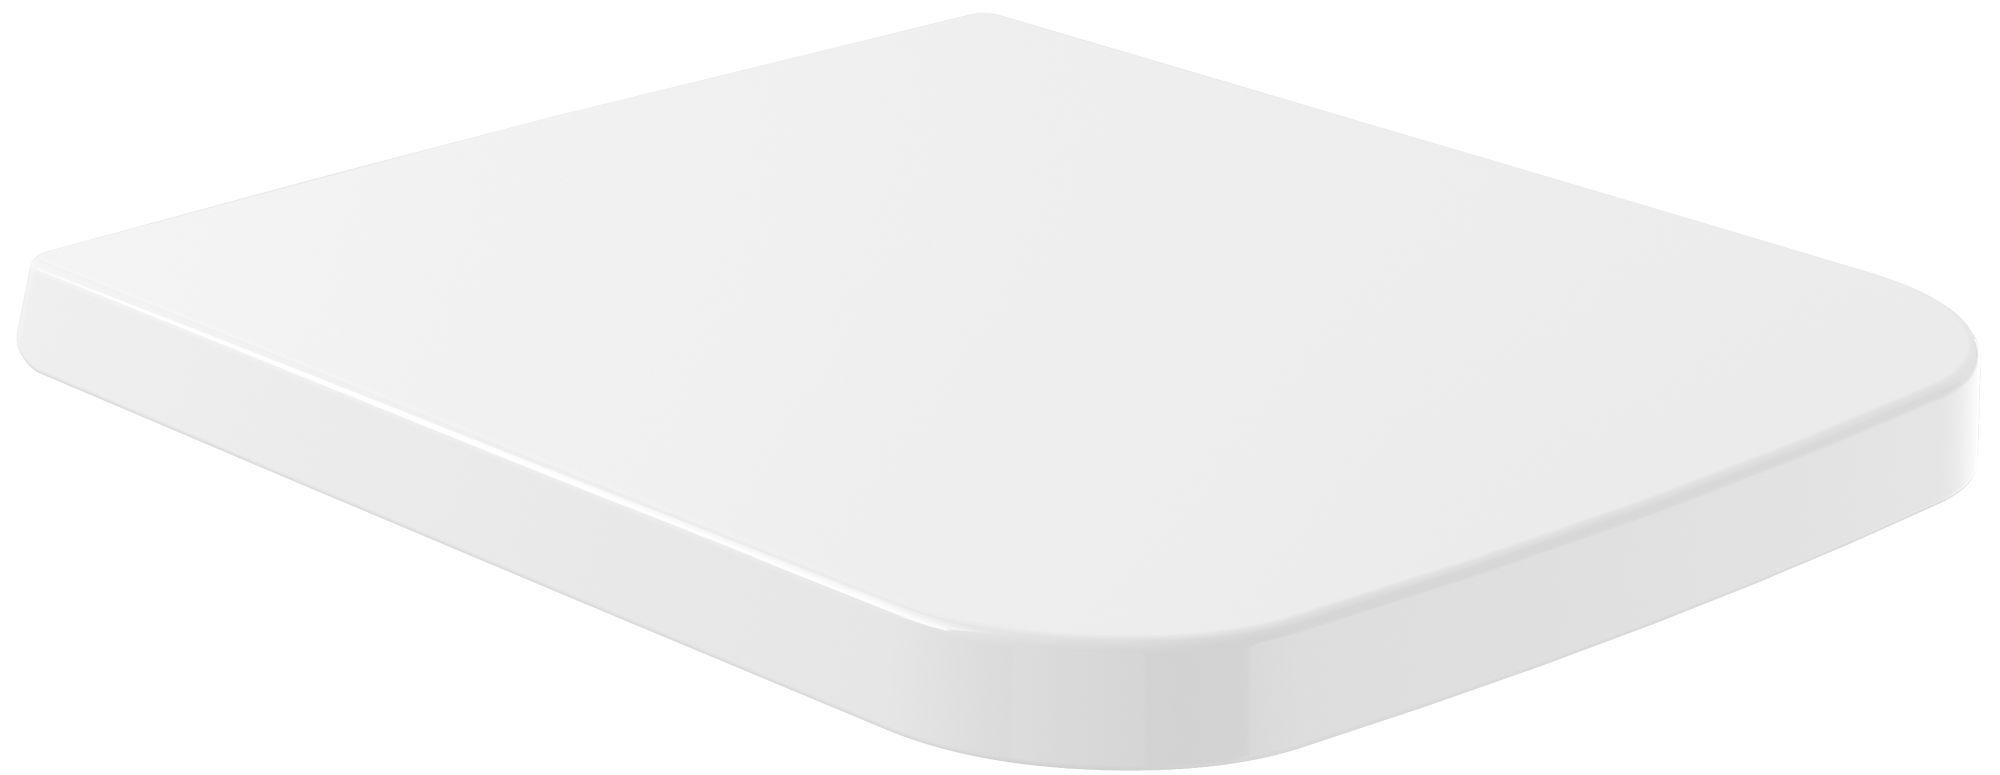 Villeroy & Boch Venticello WC-Sitz mit Absenkautomatik weiß 8M22S101